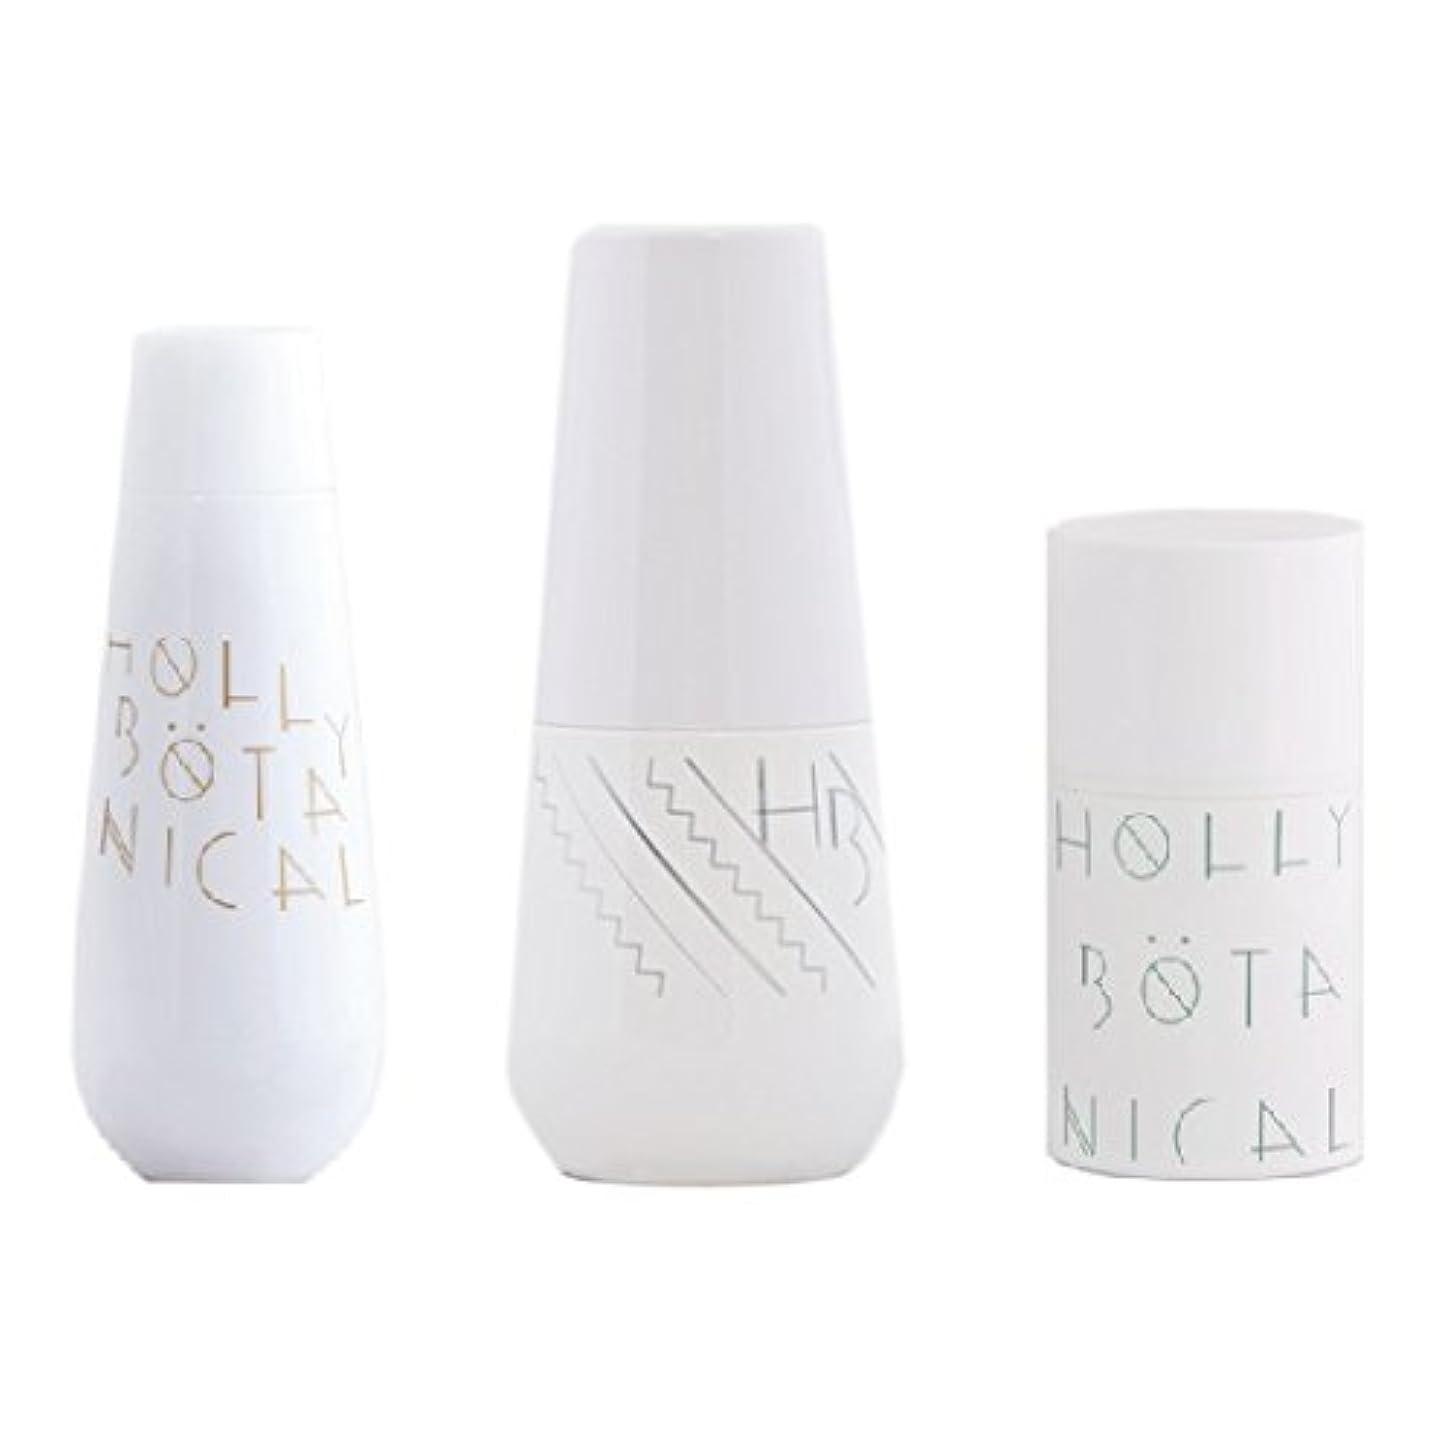 アラバマ突撃抜け目がないHolly Botanical スキンケア3点セット 導入美容液 50ml & 化粧水150ml & フェイスクリーム50g